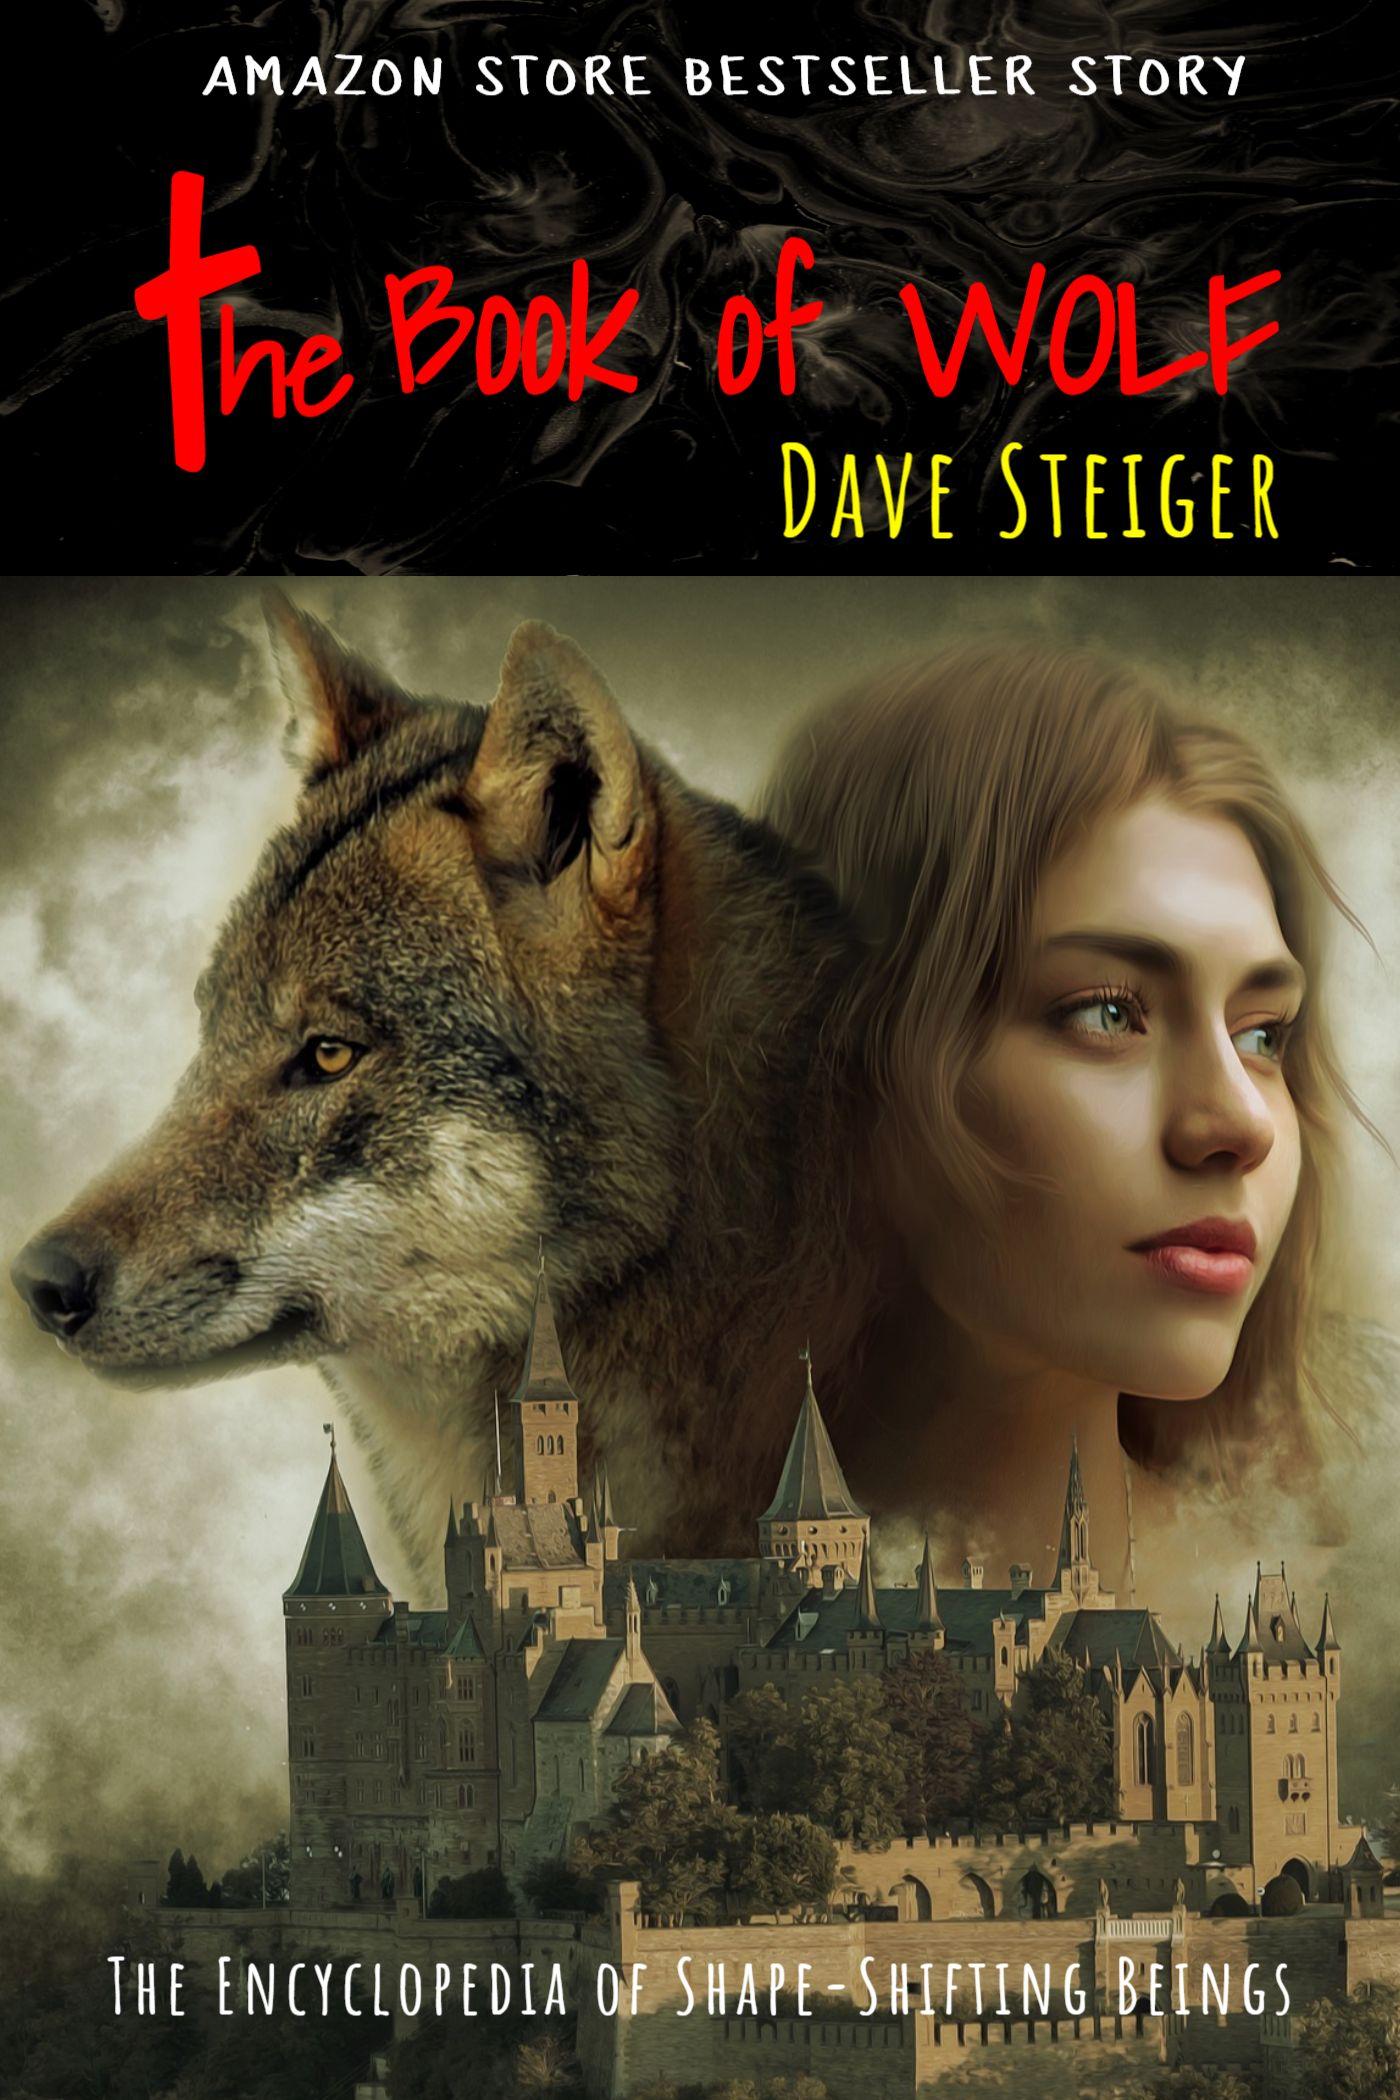 Werewolf Moon Book Cover Maker